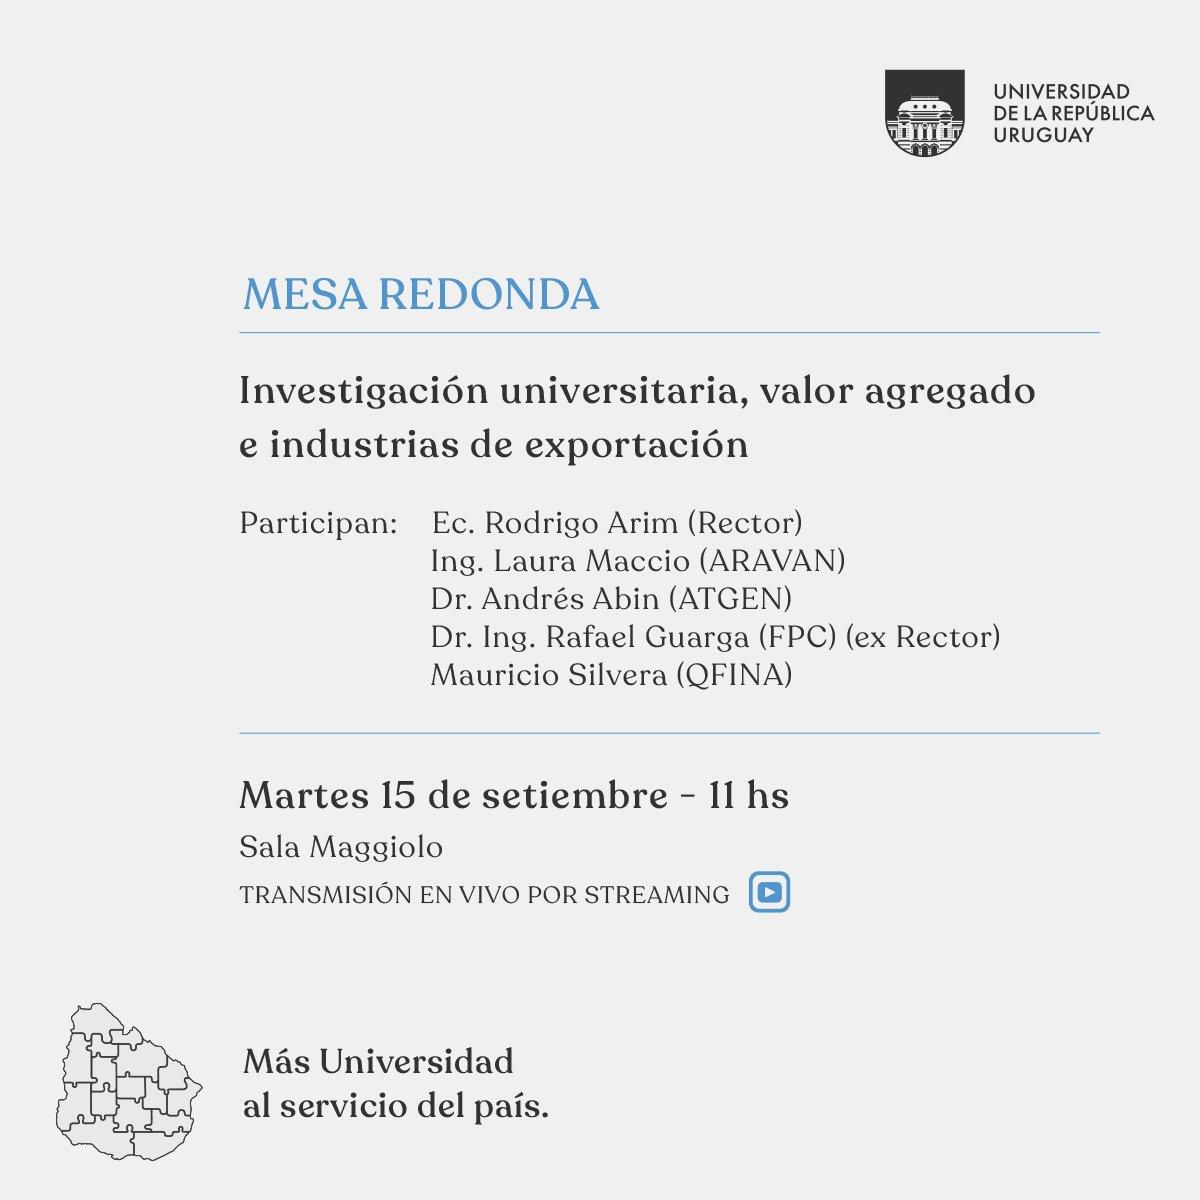 🔎 MESA REDONDA: 🧩 Investigación universitaria 🧩 Valor agregado 🧩 Industrias de exportación  📅 Martes 15 de setiembre 🕚 11hs 📌 Sala Maggiolo 📲 Transmisión en vivo por streaming --> https://t.co/dM03Ko2Dct  #Udelar --> #MásUniversidadAlServicioDelPaís https://t.co/fYXDP1Y1Wi